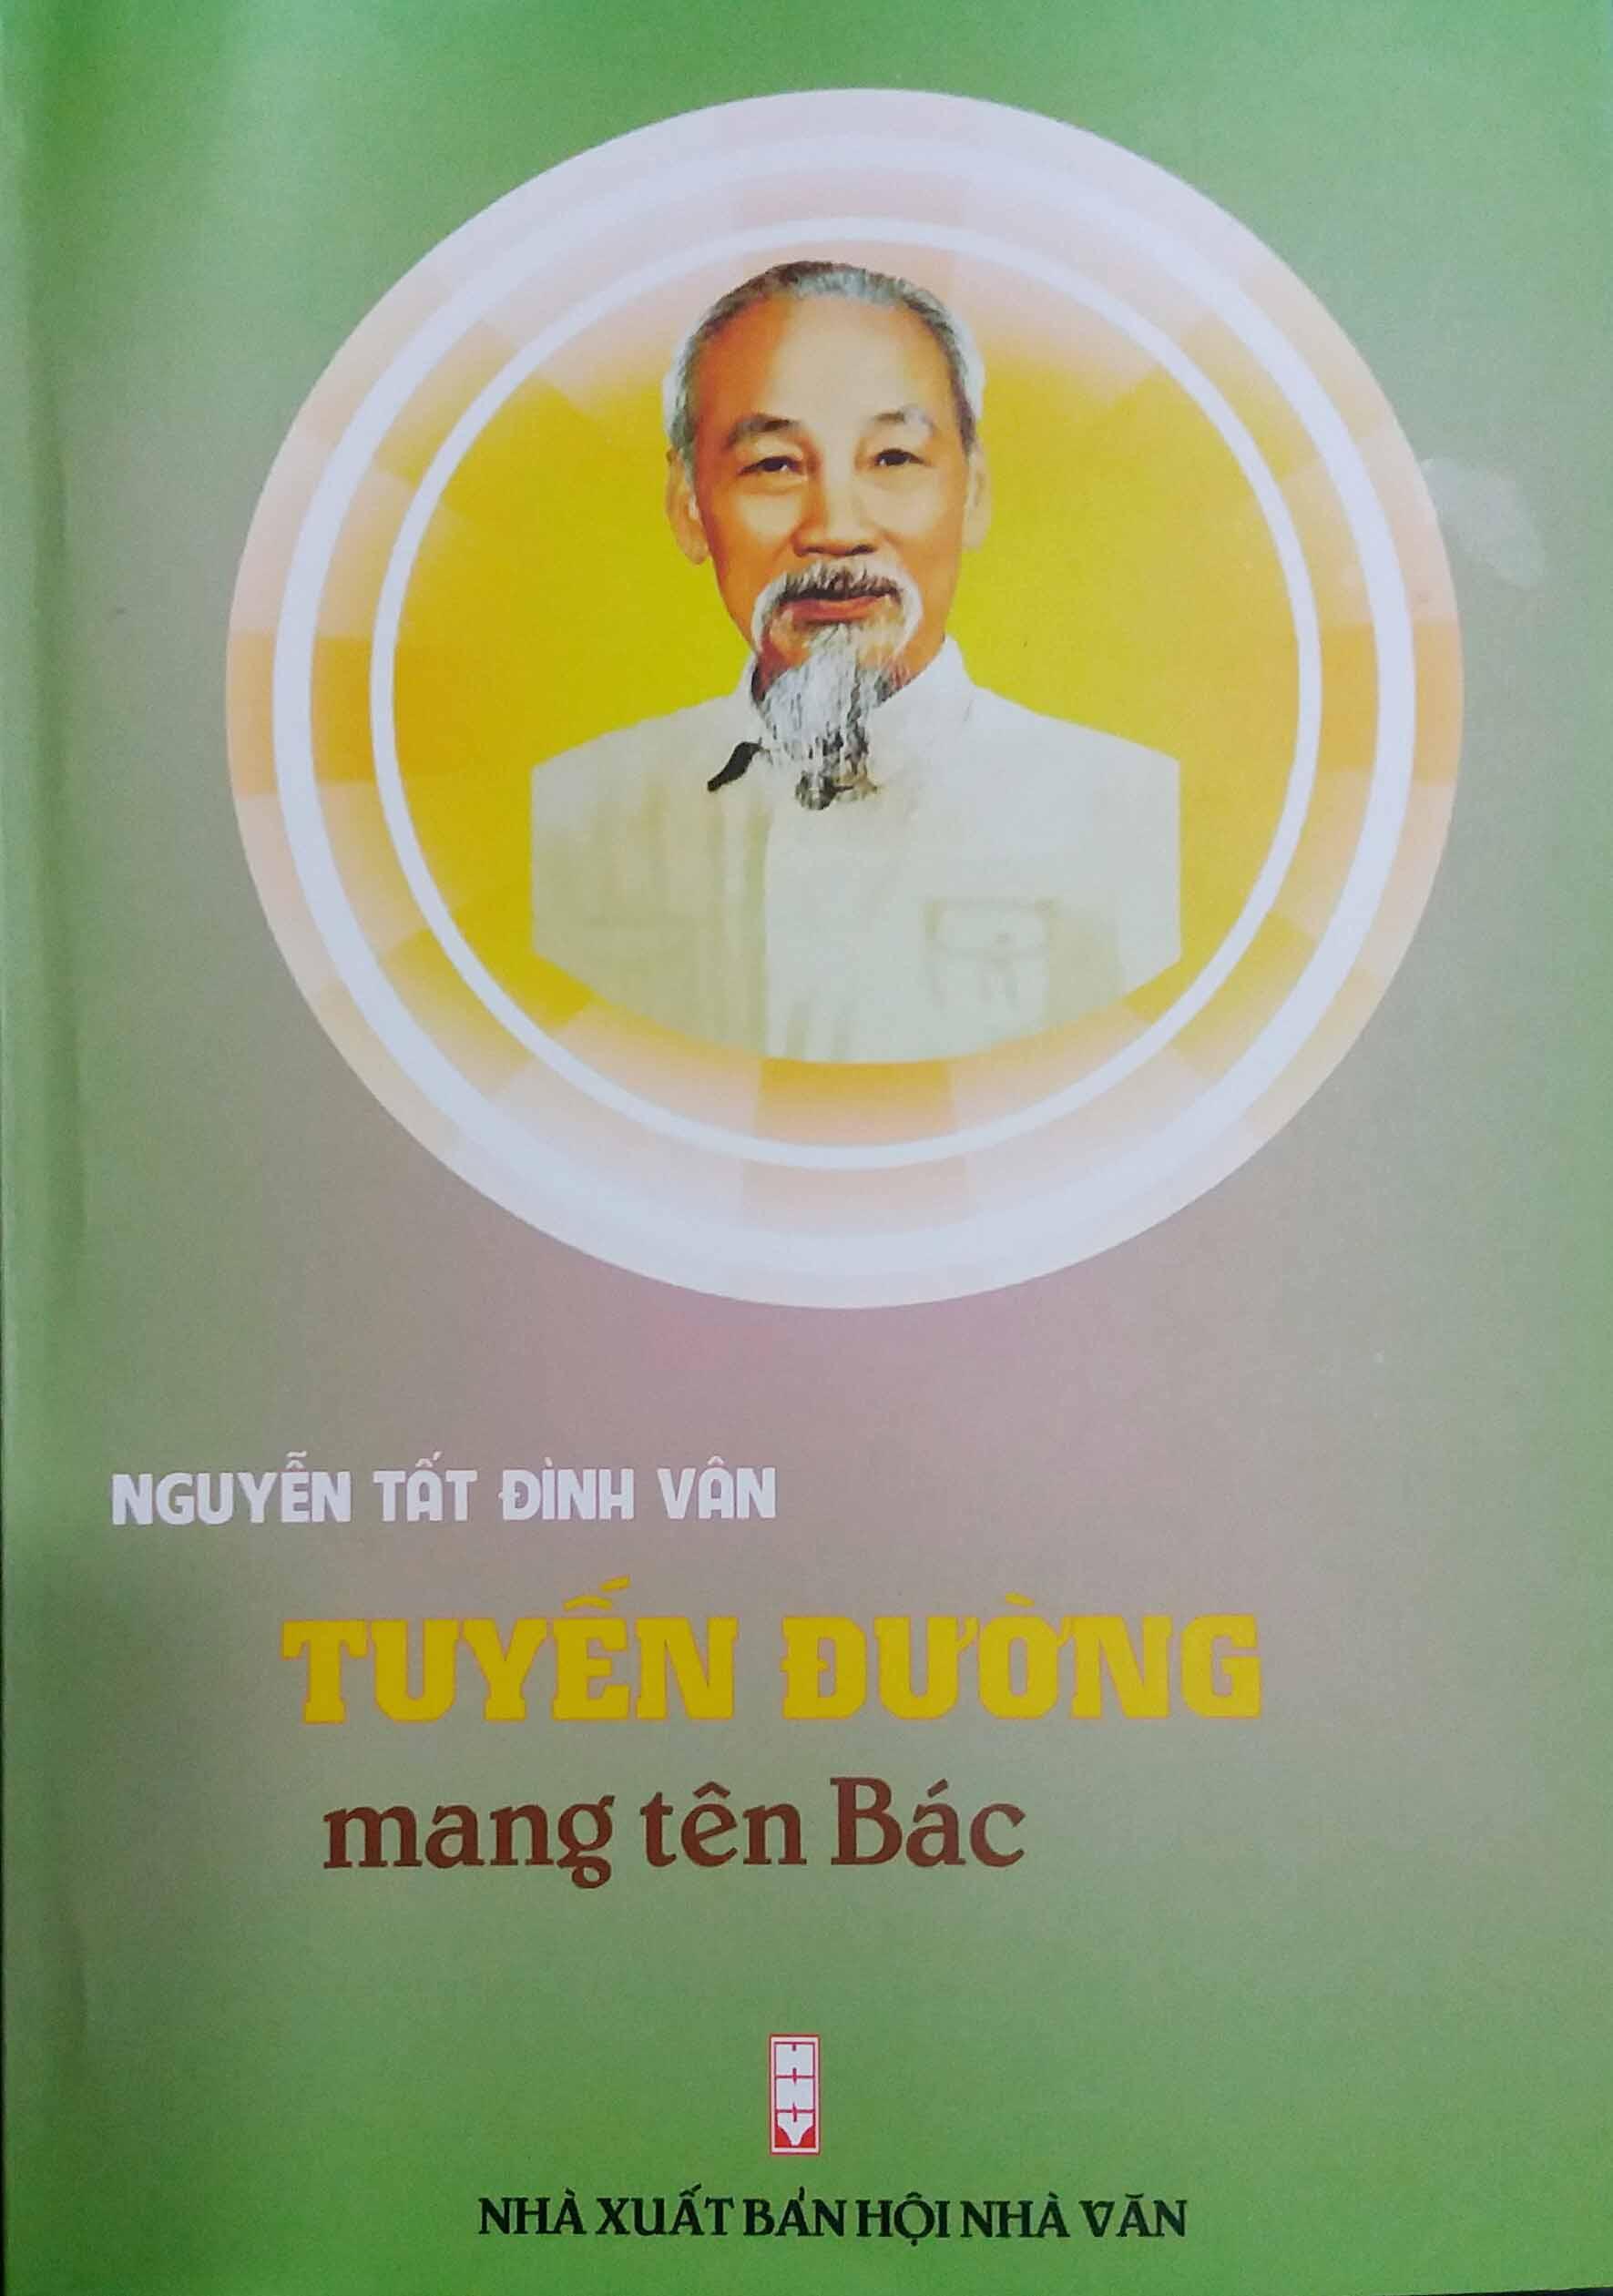 Tập thơ mới của Nguyễn Tất Đình Vân